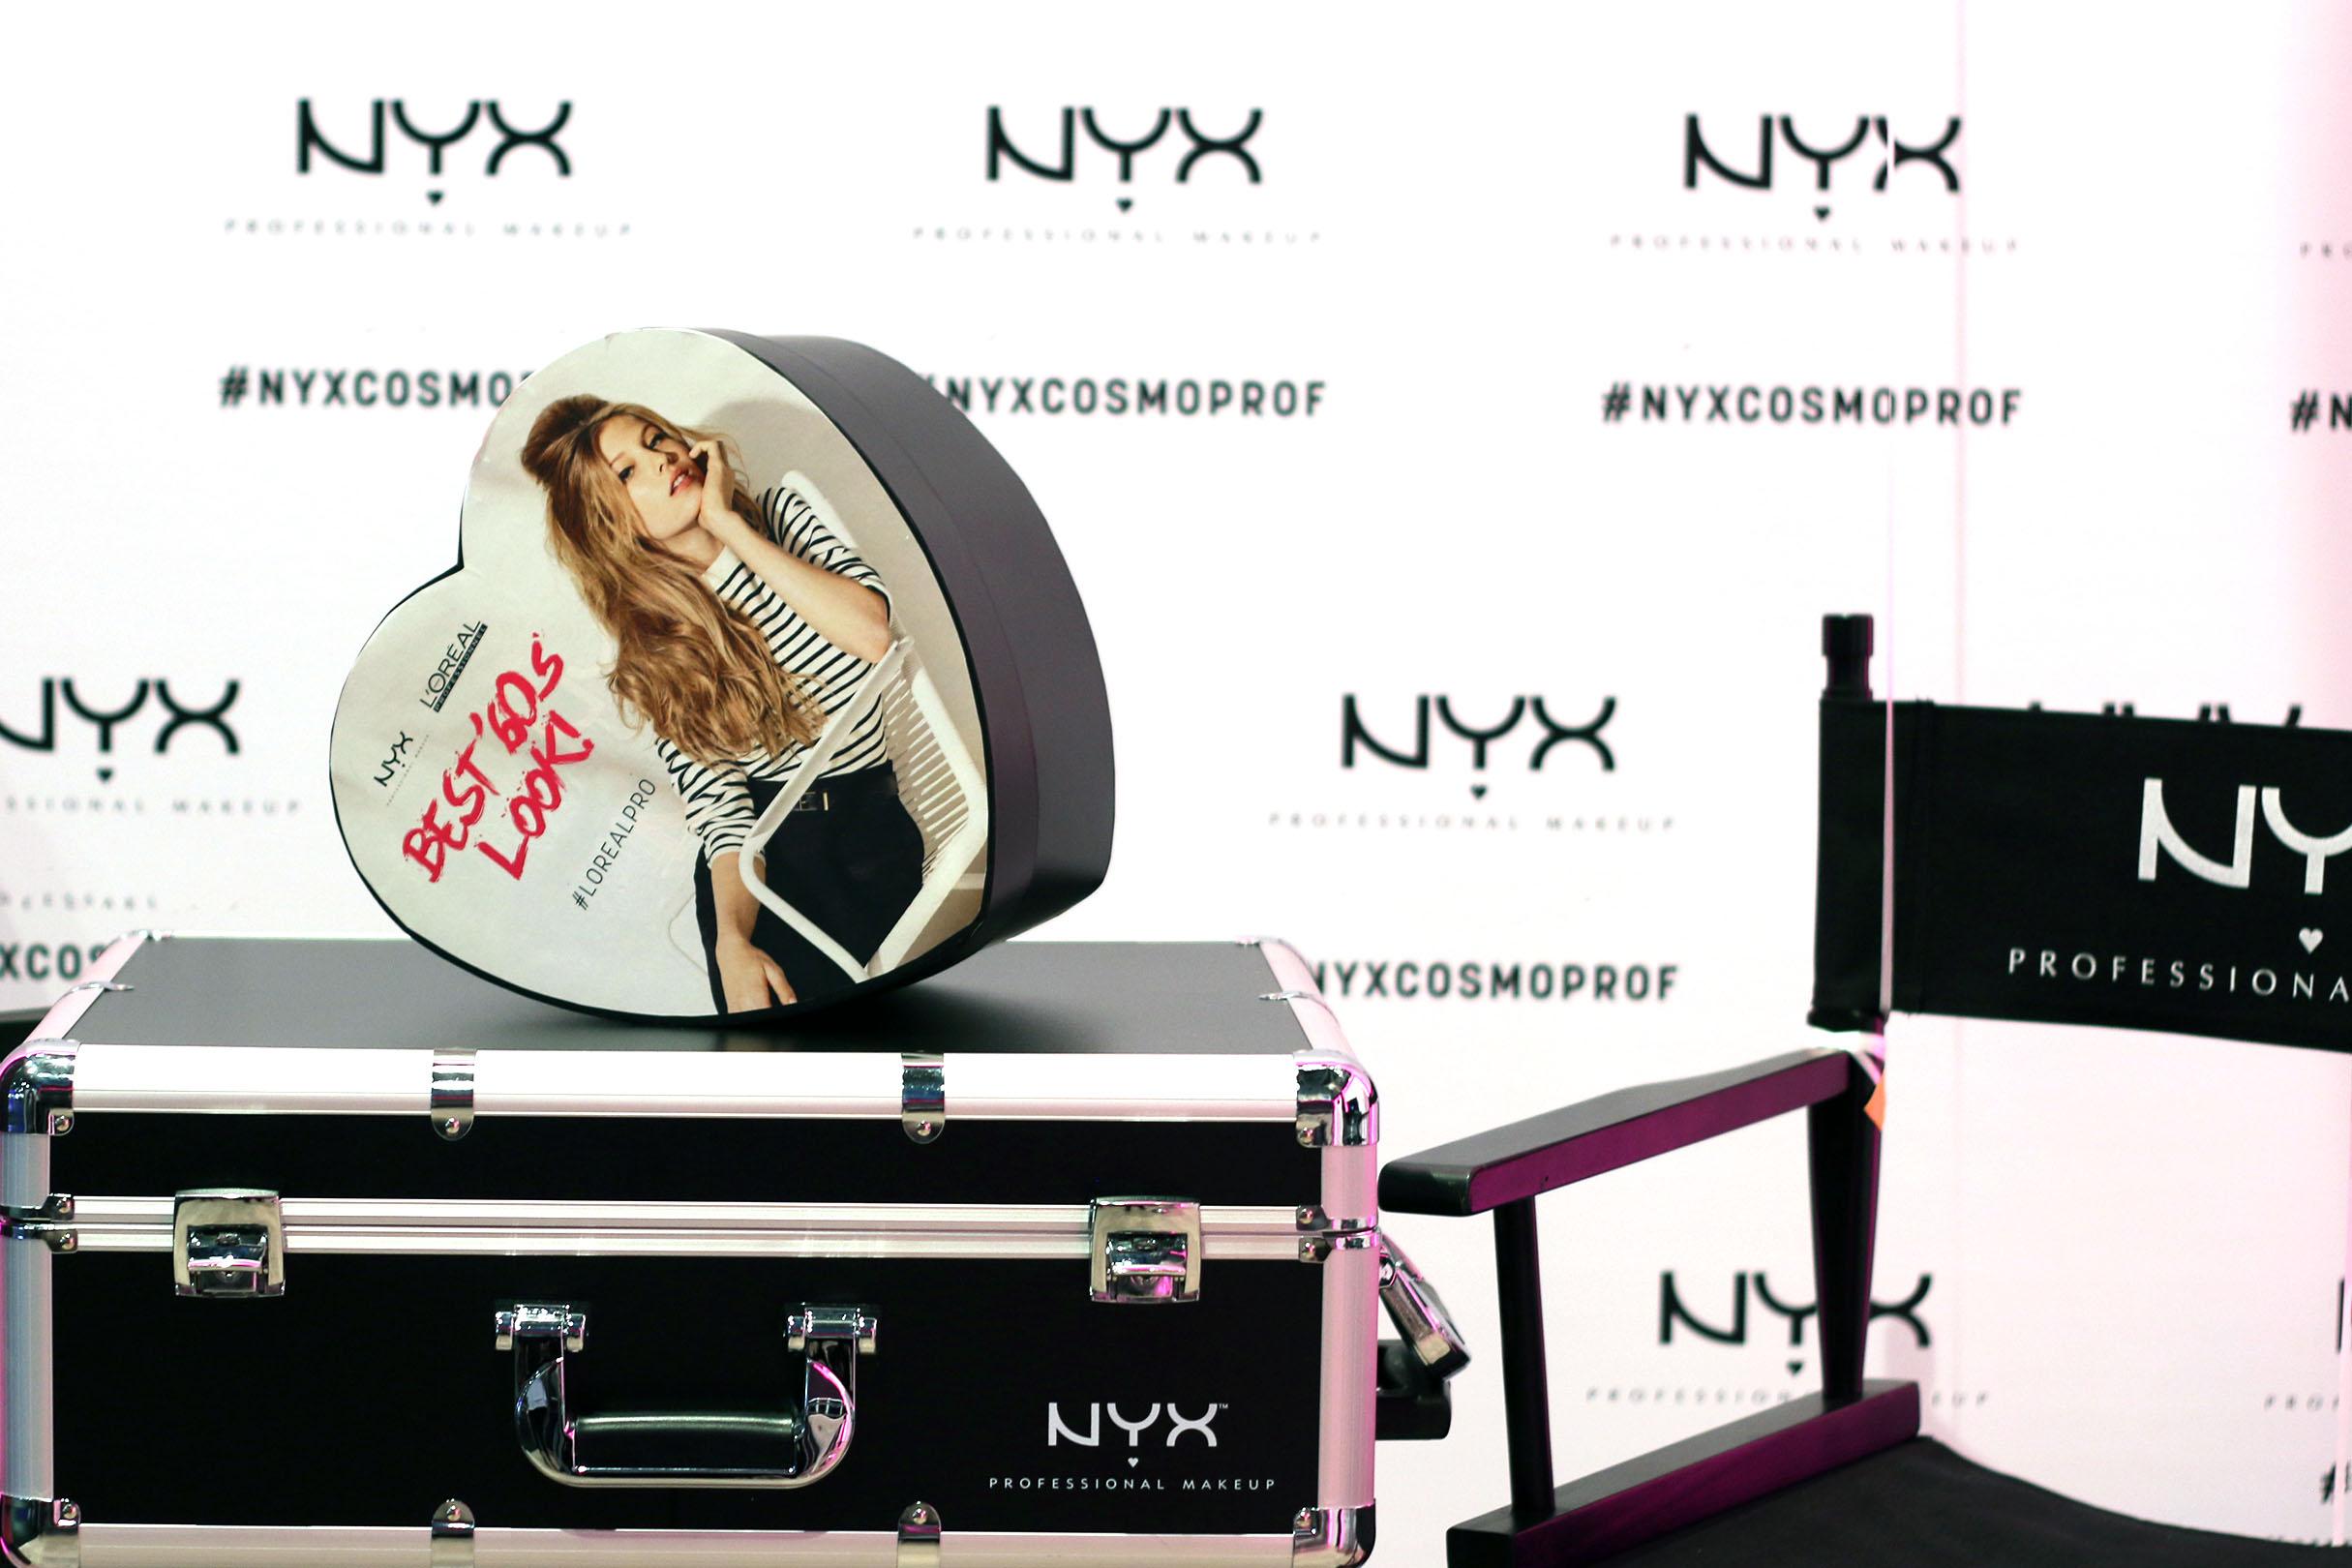 nyx in deutschland